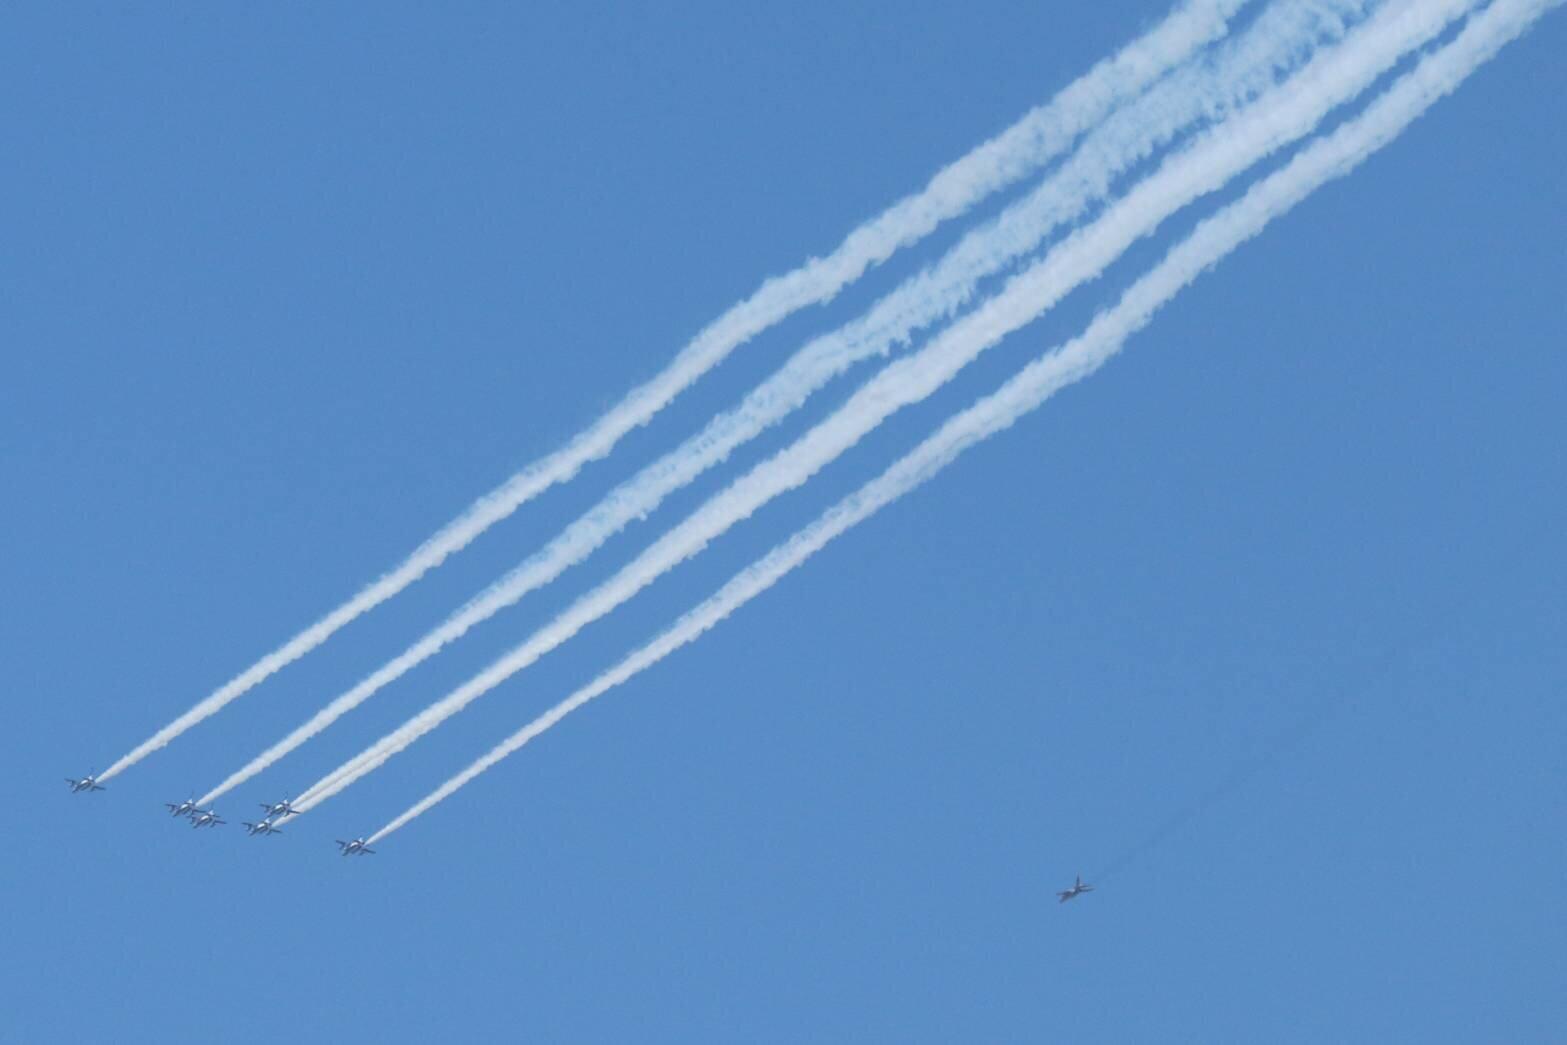 ブルーインパルス飛ぶ!が... 航空自衛隊YouTube中継はトラブル続き「白いカーソルが飛んでて草」